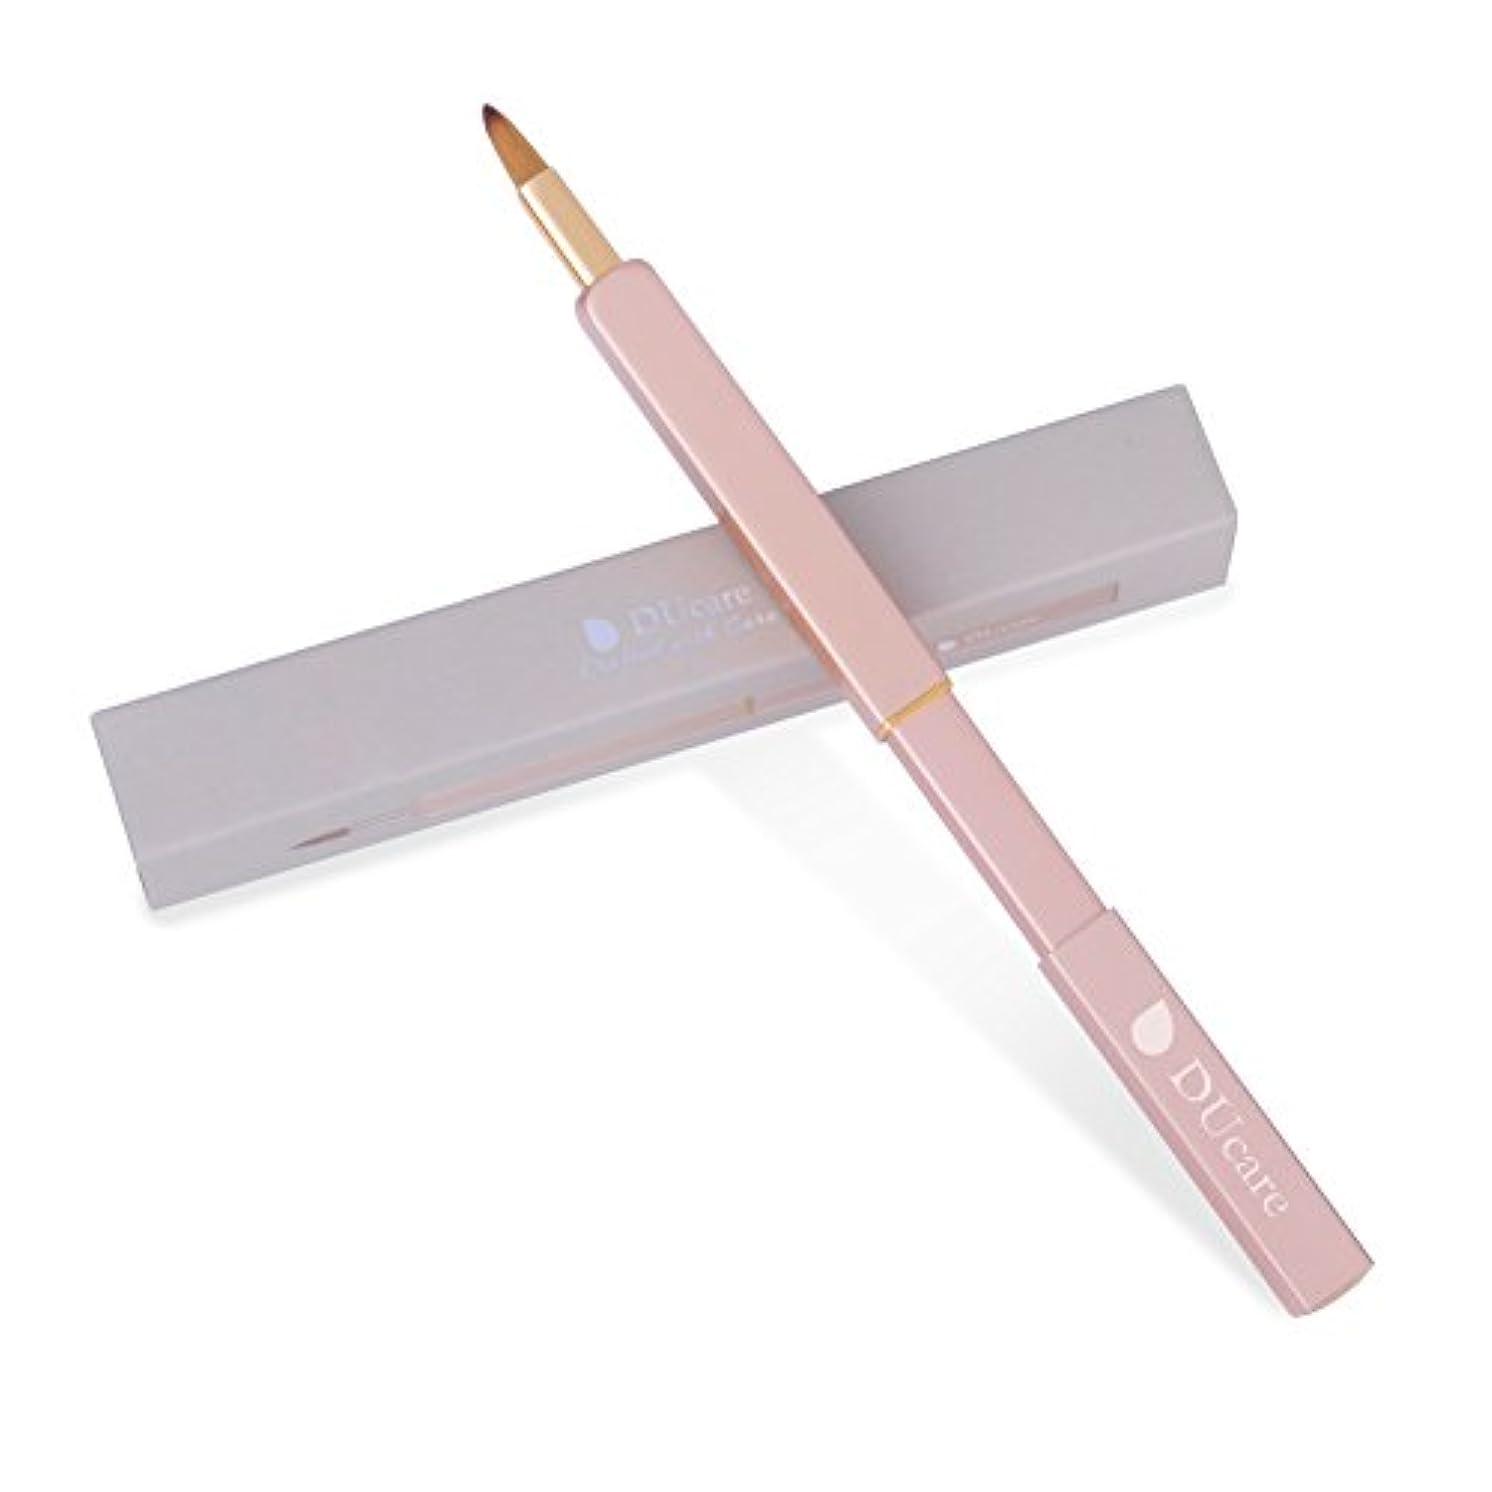 ミンチ岸続編DUcare ドゥケア 化粧筆 携帯用リップブラシ スライド式 ゴージャズなシャンペン色 欧米セレブの間で爆発的な人気を呼んでいる